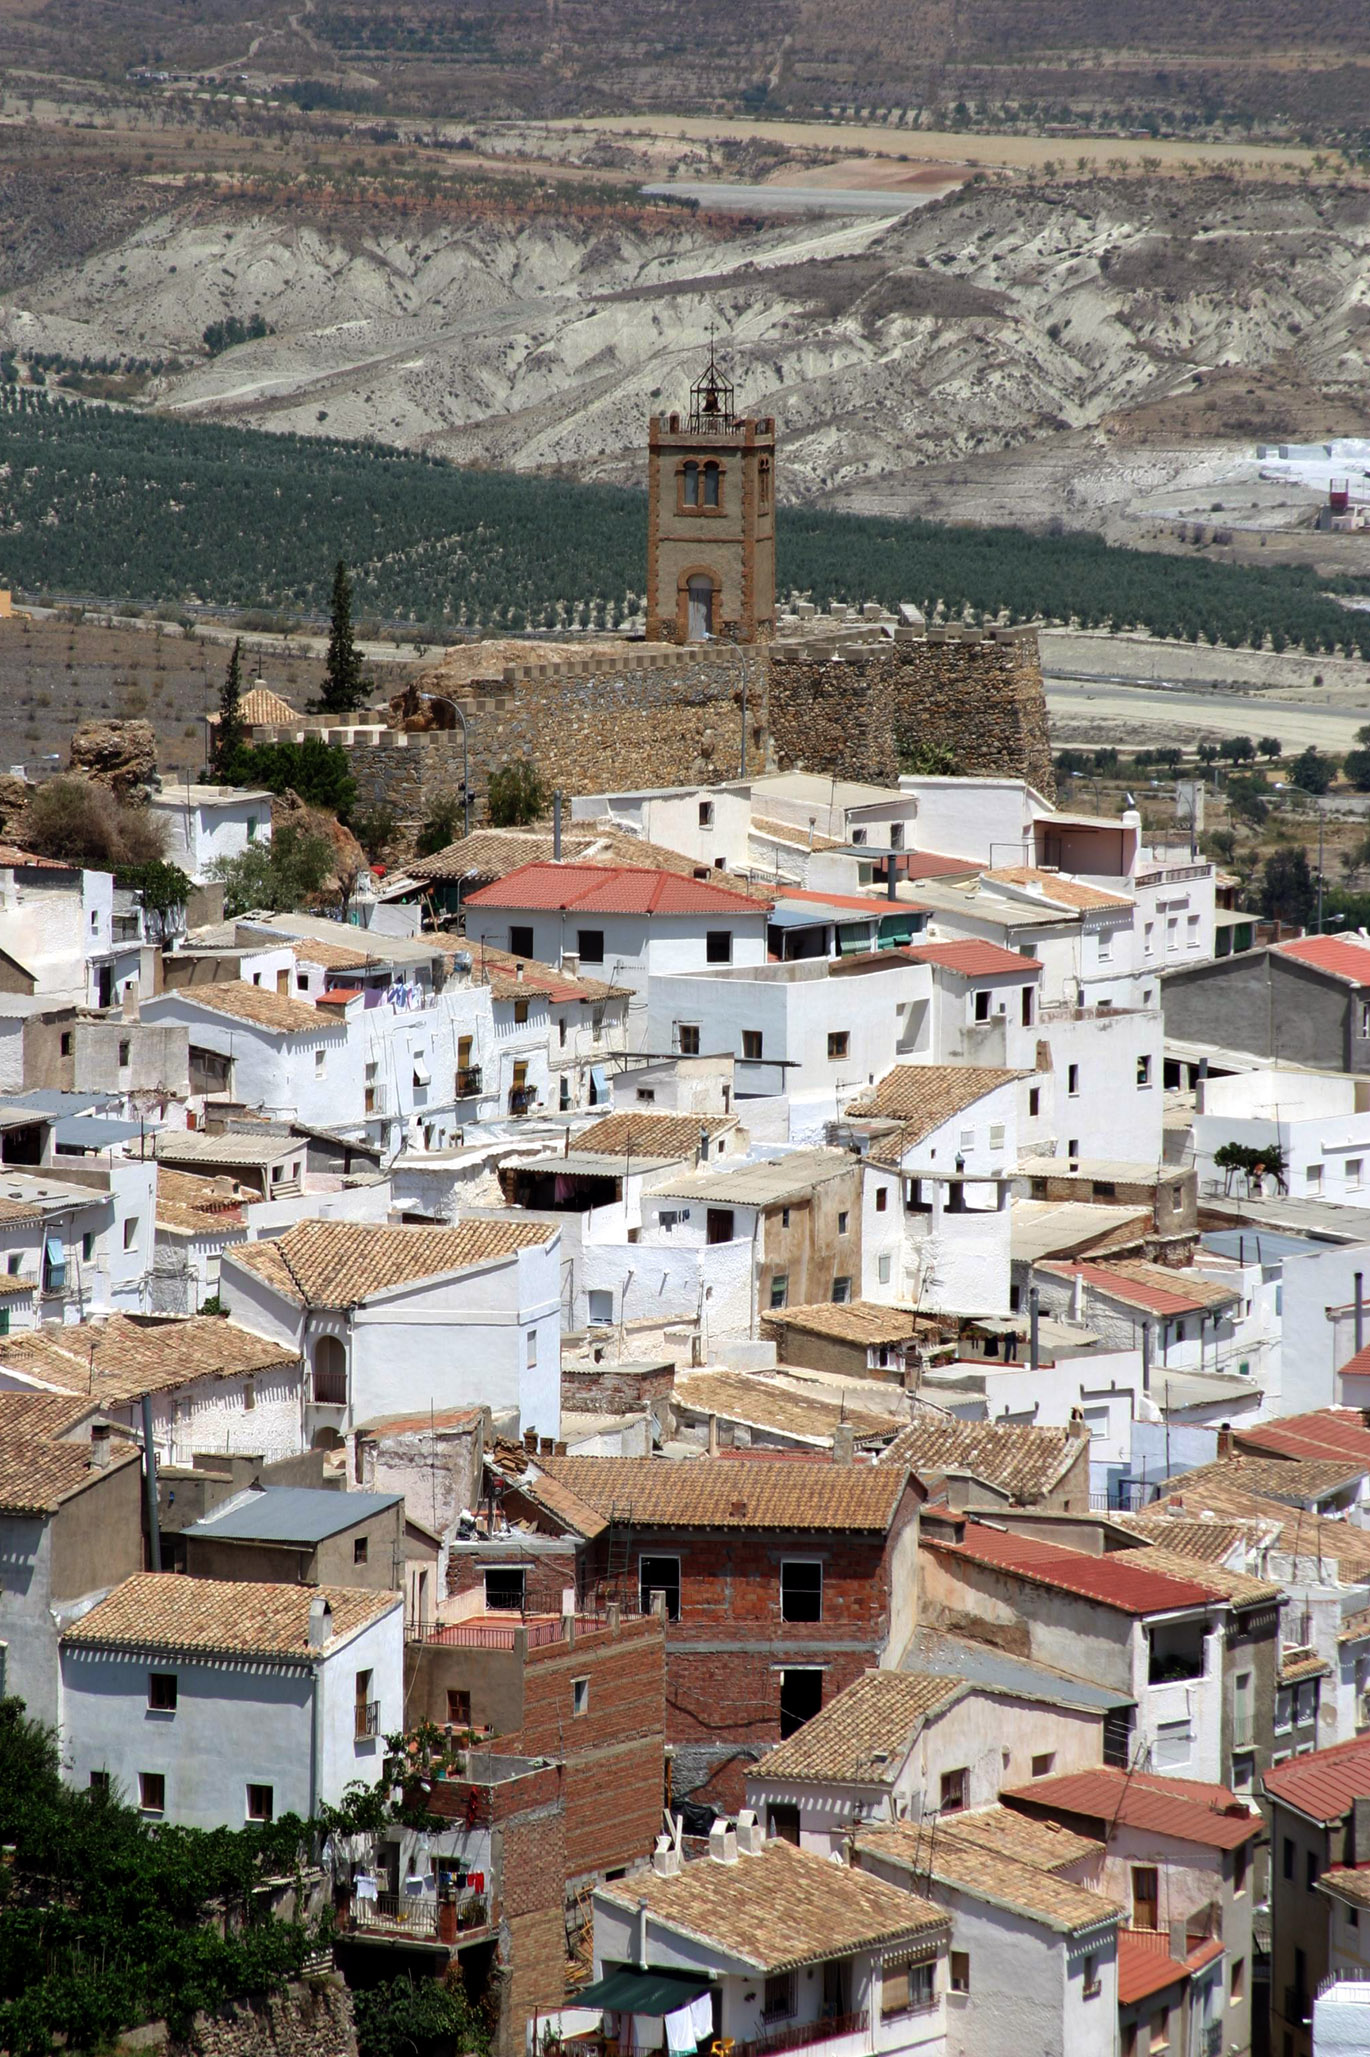 Vista general del caserío de Serón dominado por la silueta de su castillo. © Fotografía: Andrés Carrillo